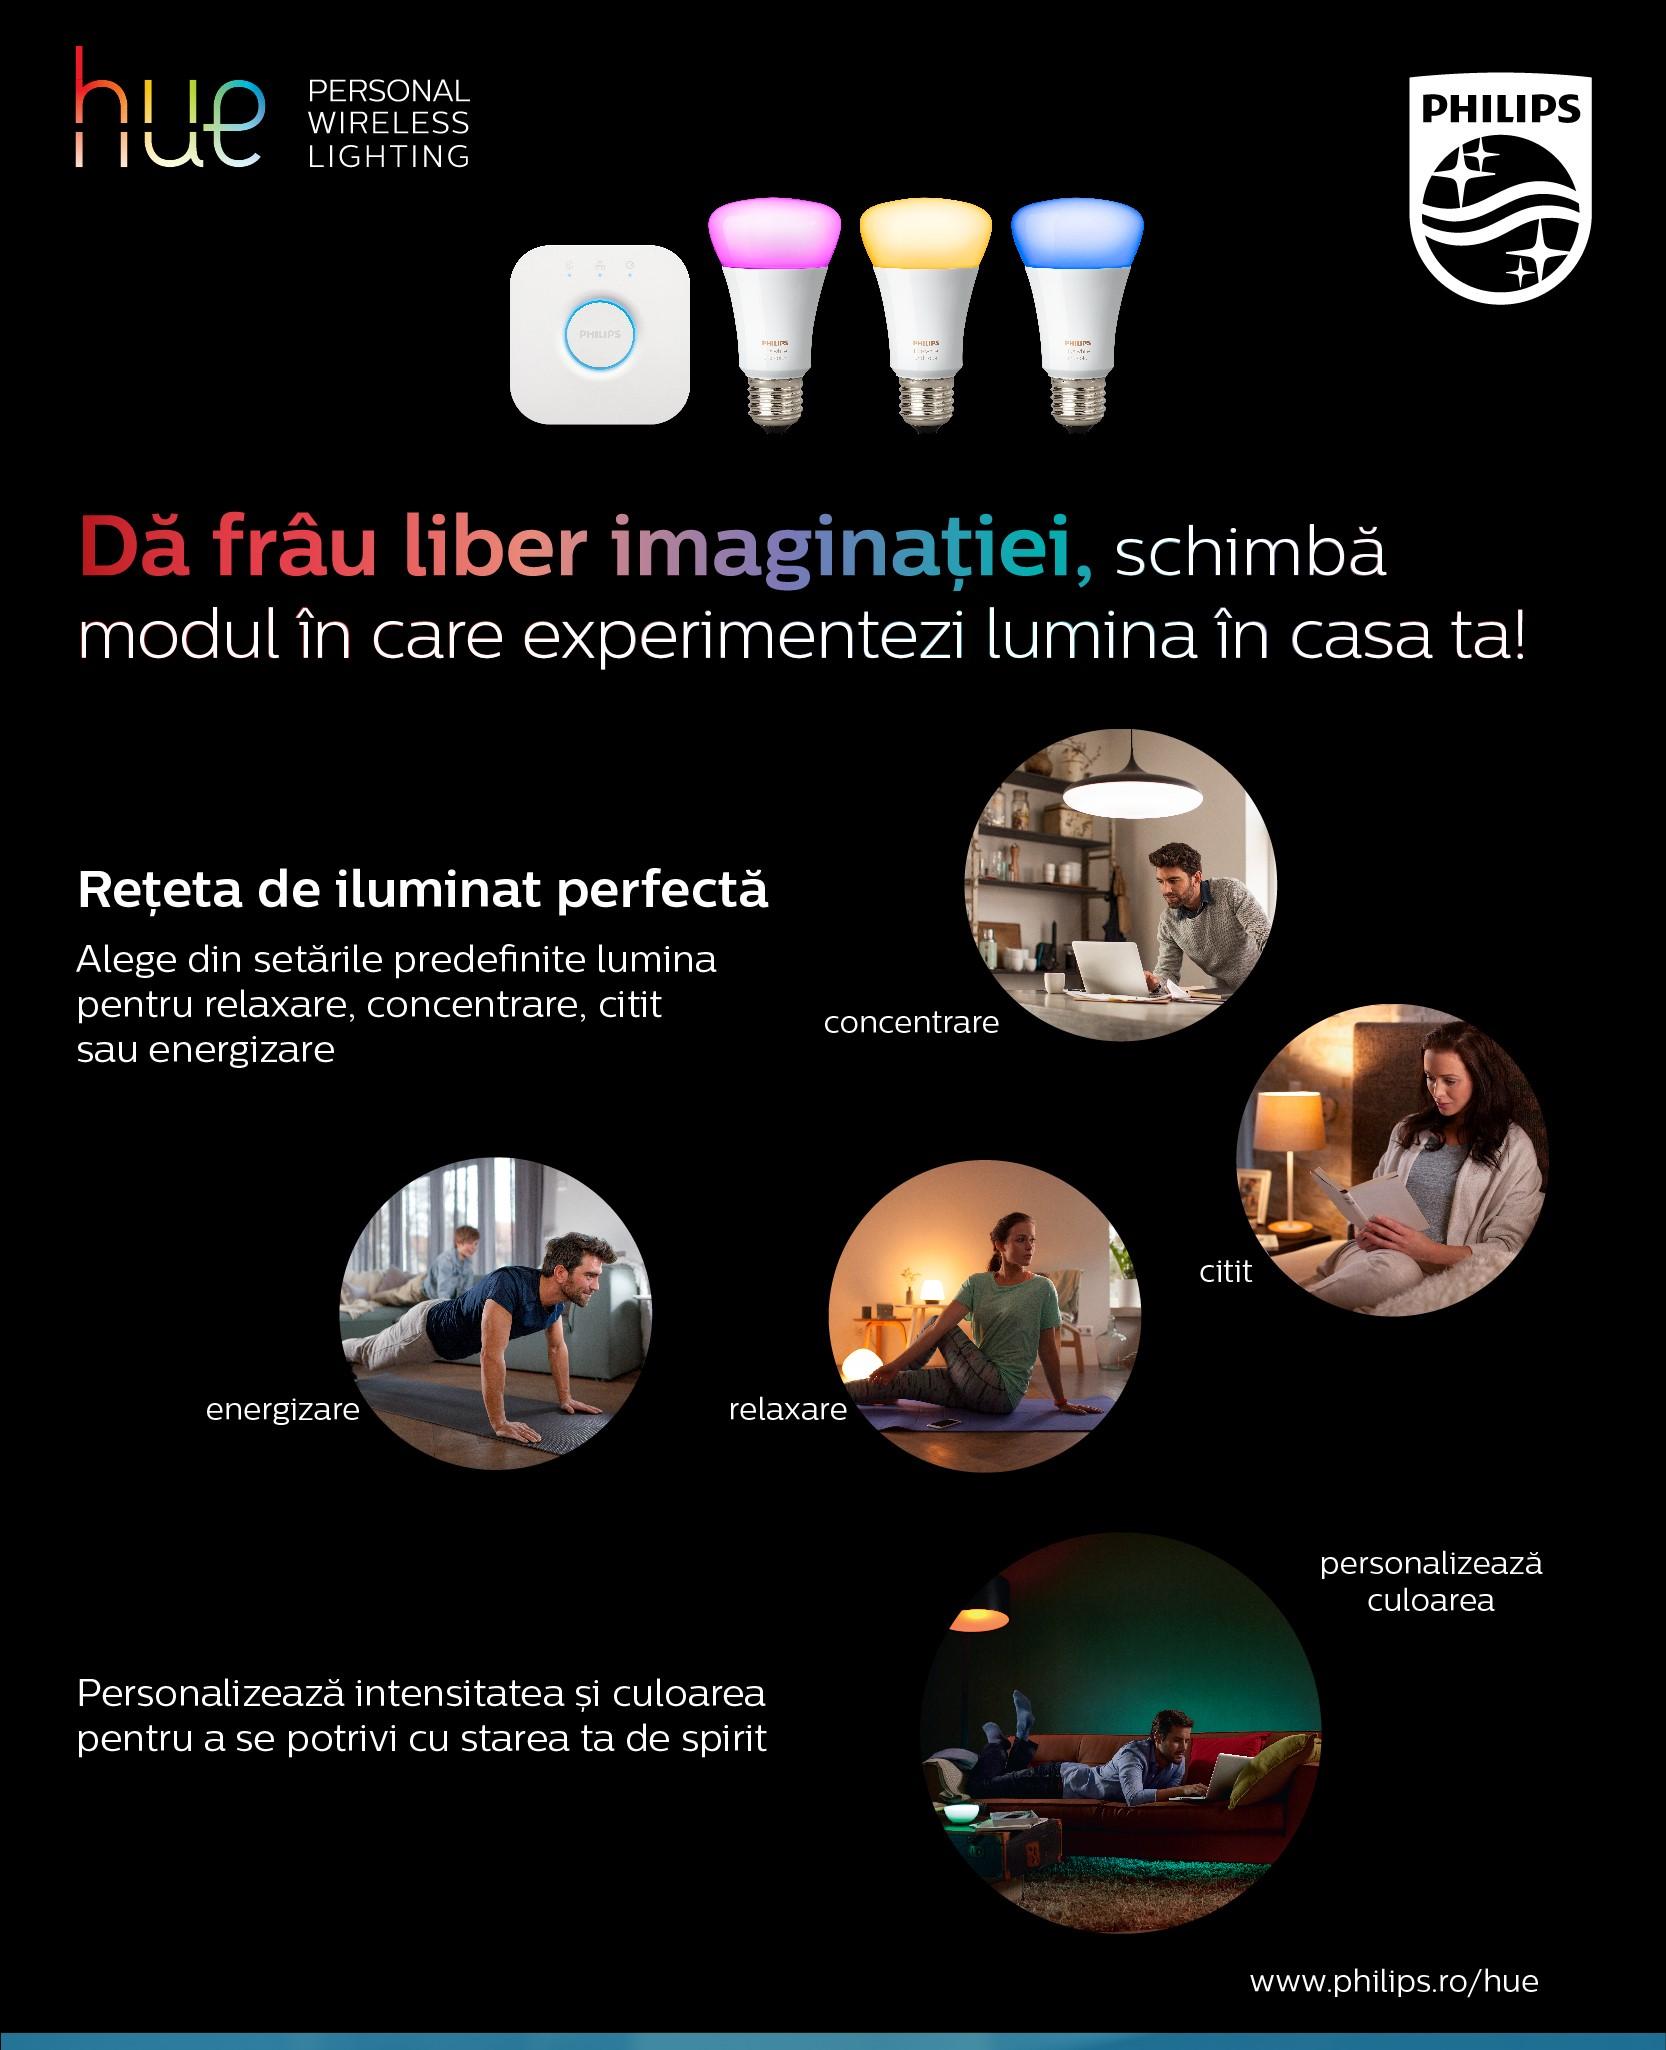 Bogdan Balaci, Philips Lighting SEE: Accesul la Internet și deschiderea tot mai mare spre digitalizare a condus la o creștere semnificativă a cererii de tehnologie LED